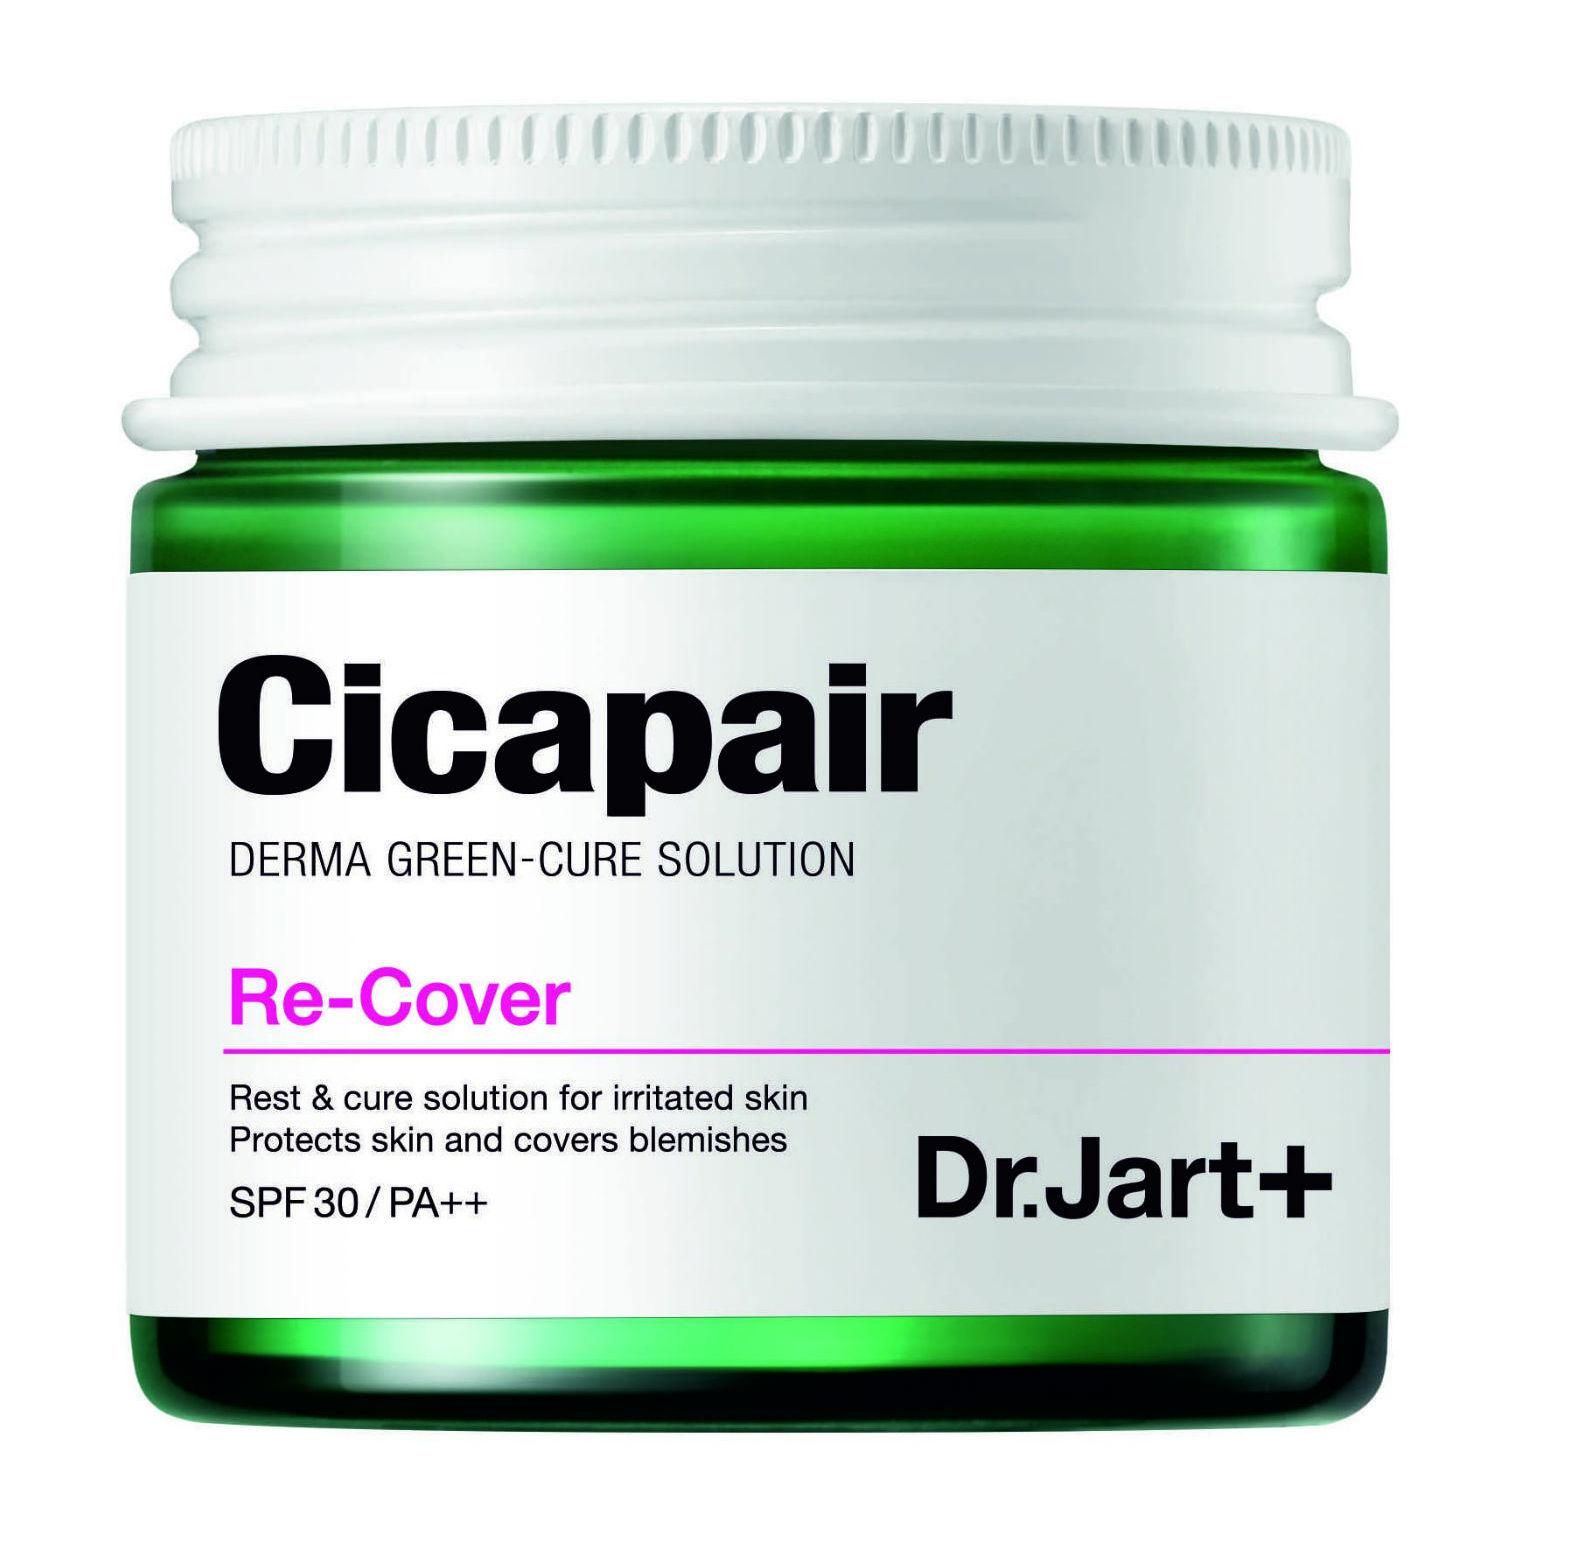 Купить DR. JART+ СС крем восстанавливающий, корректирующий цвет лица Антистресс SPF 30/PA++ / CICAPAIR 50 мл